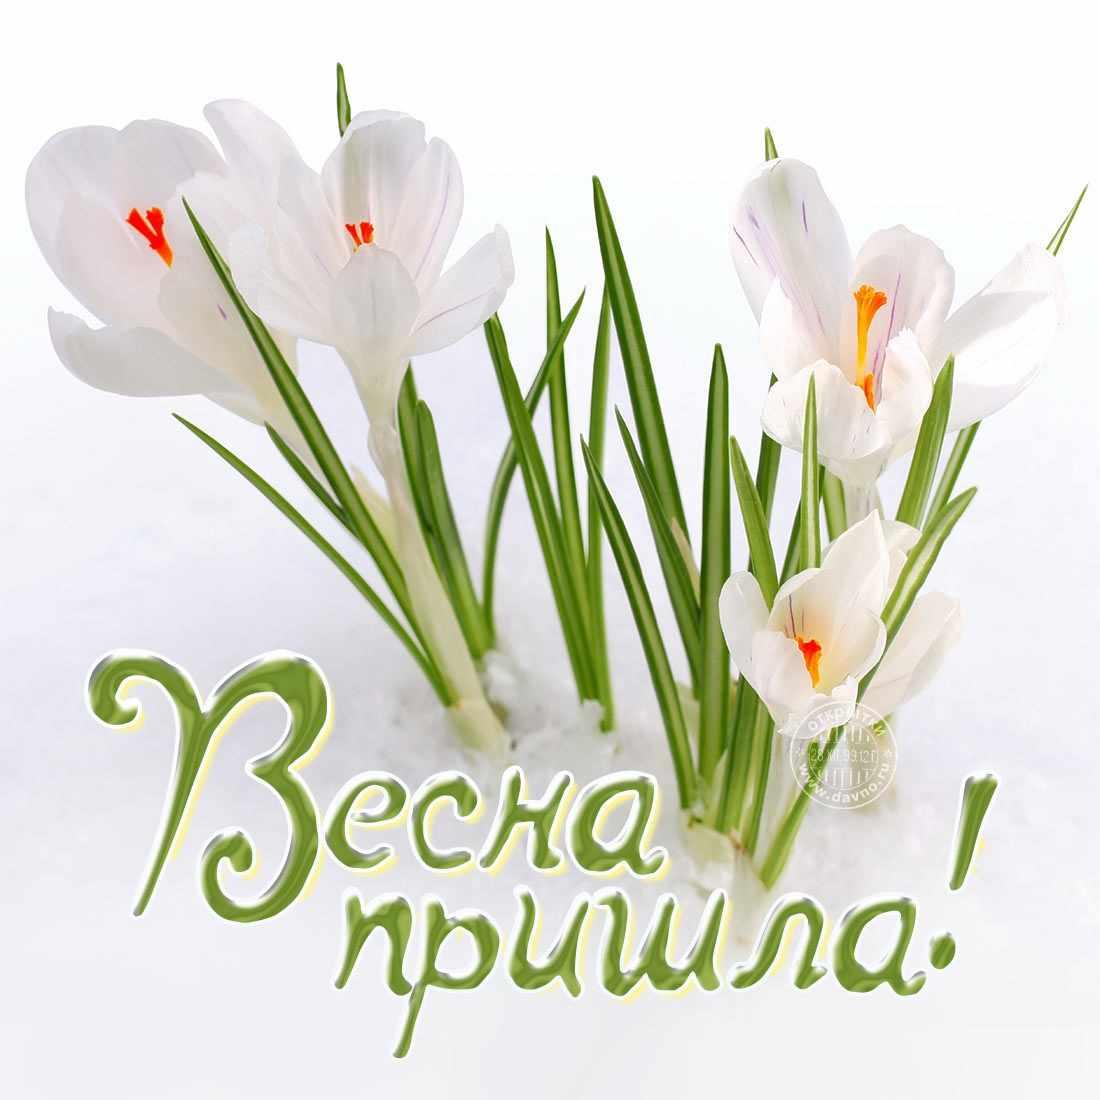 Весна пришла картинки 01